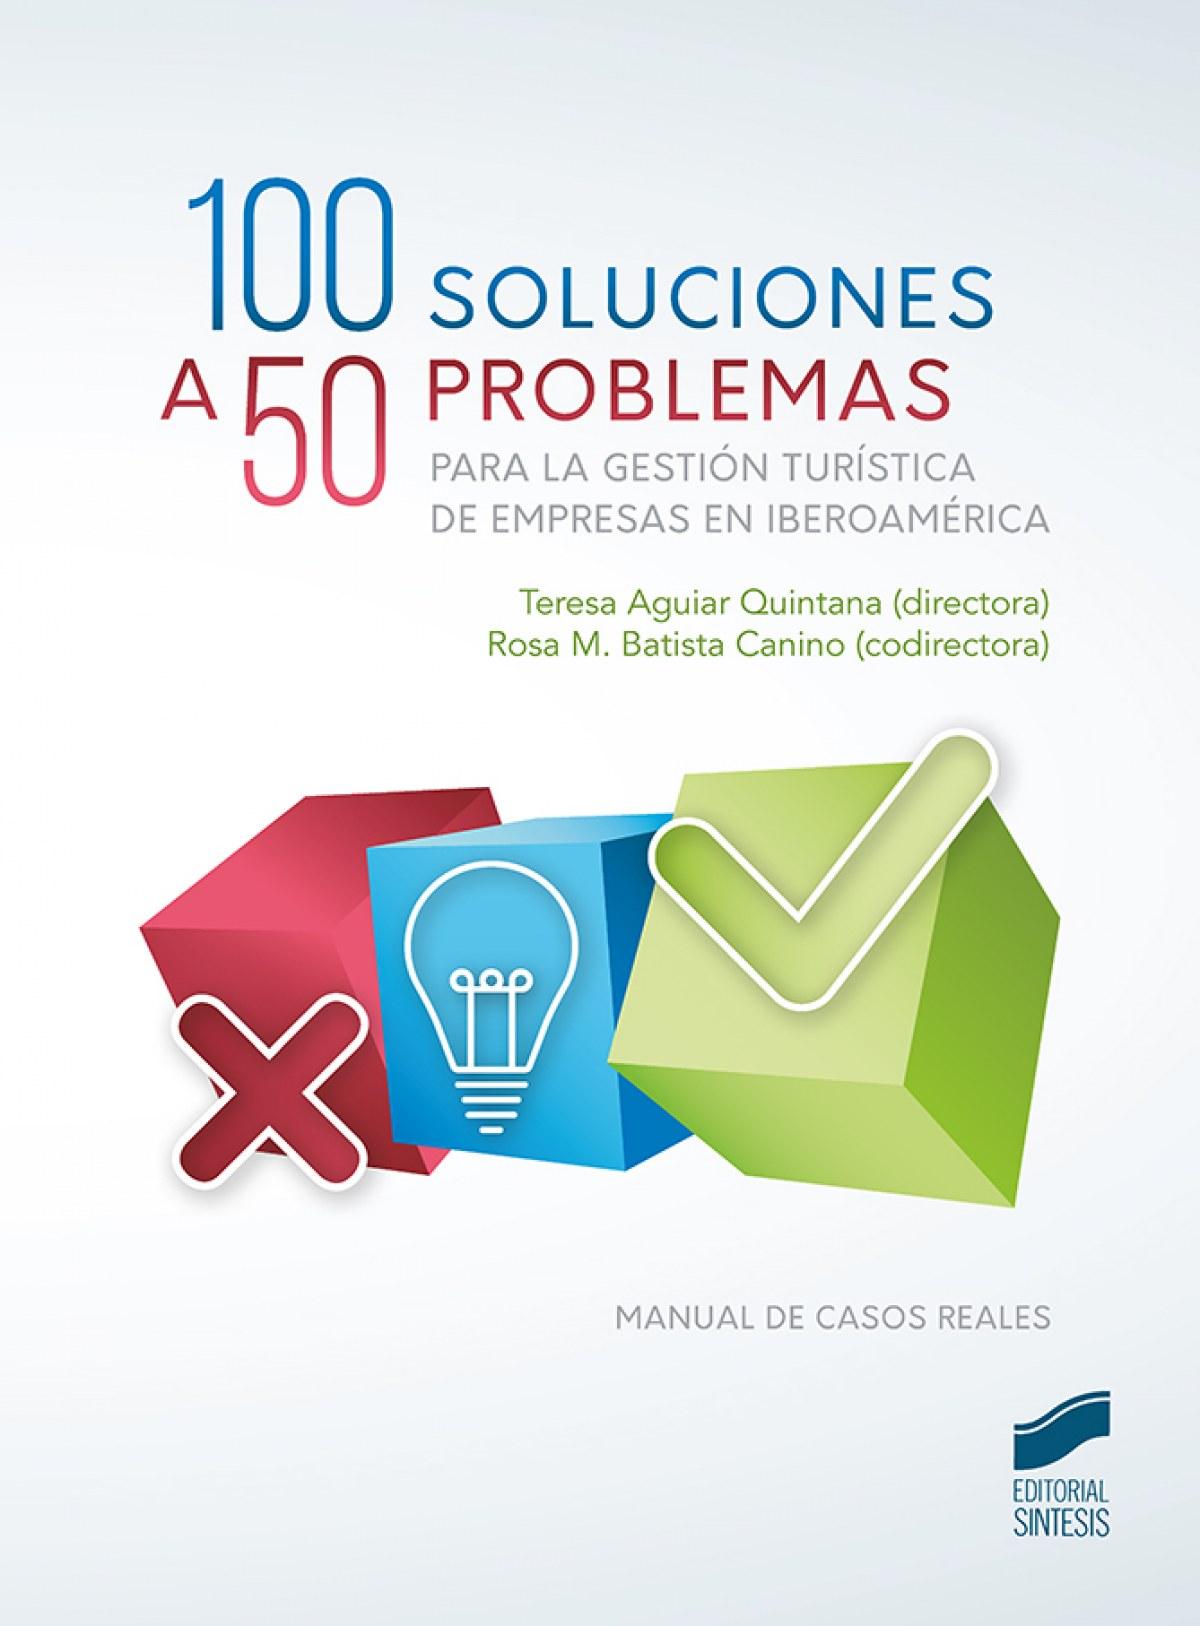 100 SOLUCIONES A 50 PROBLEMAS PARA LA GESTIÓN TURÍSTICA DE EMPRESAS EN IBEROAMÈRICA